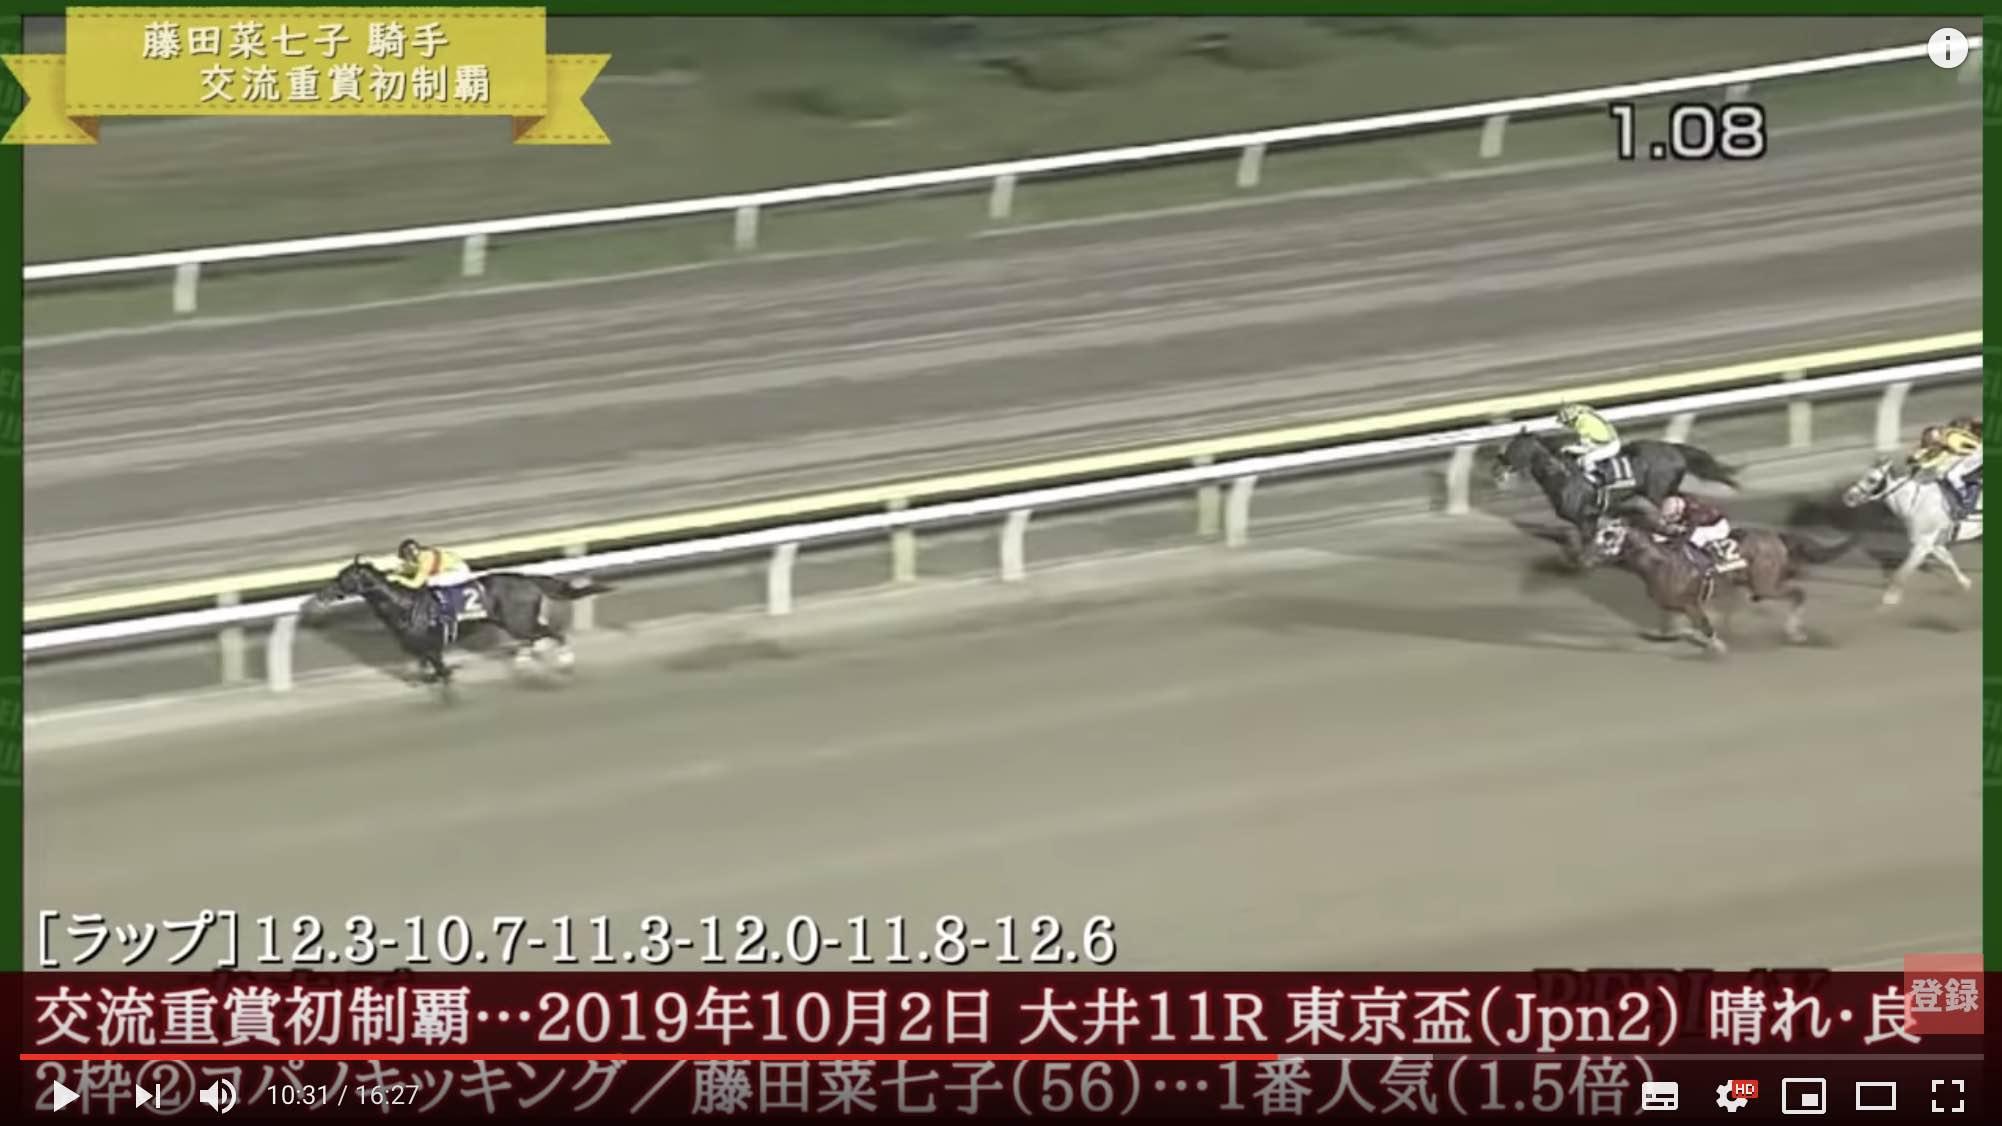 藤田菜七子、念願の重賞初勝利